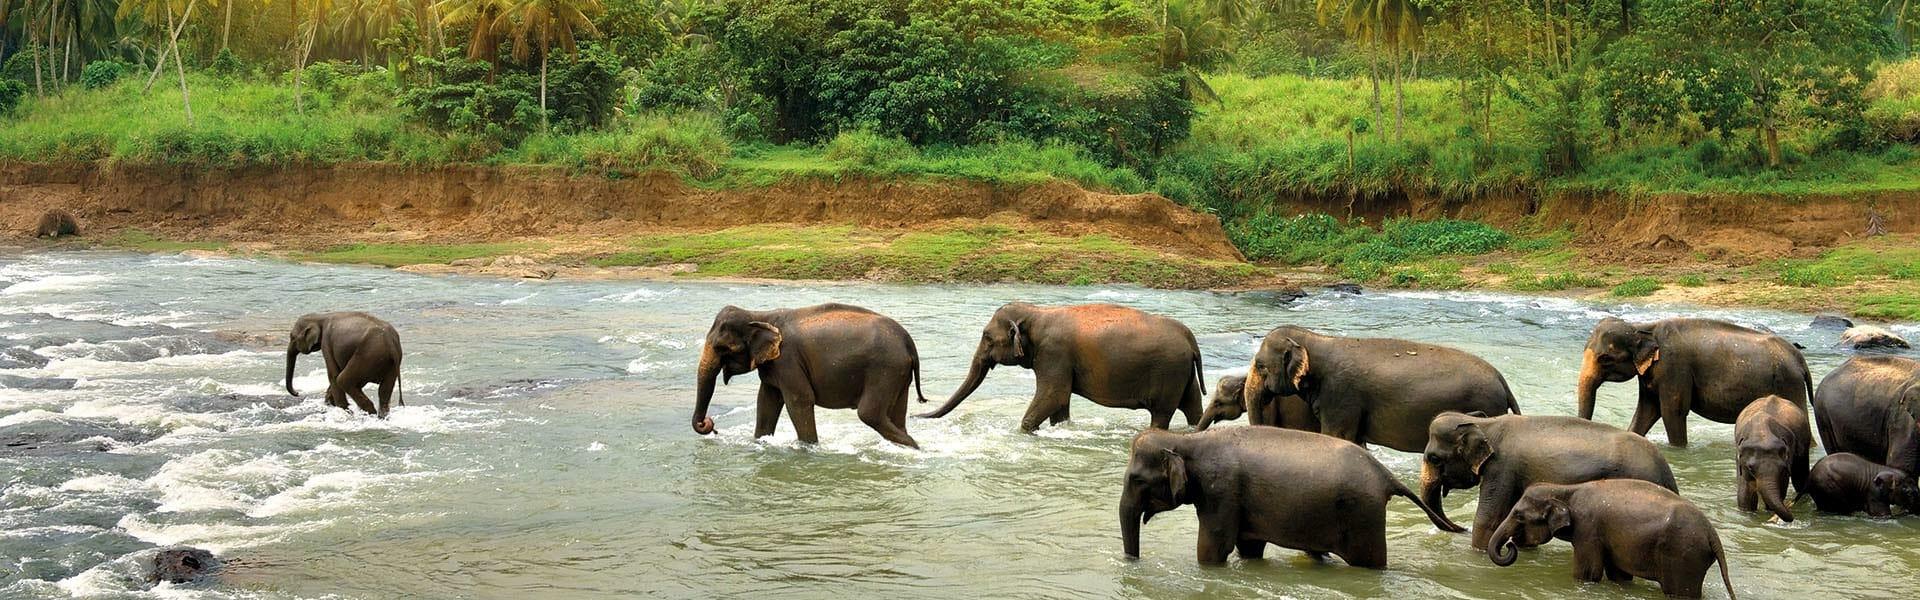 Eléphants au Sri Lanka